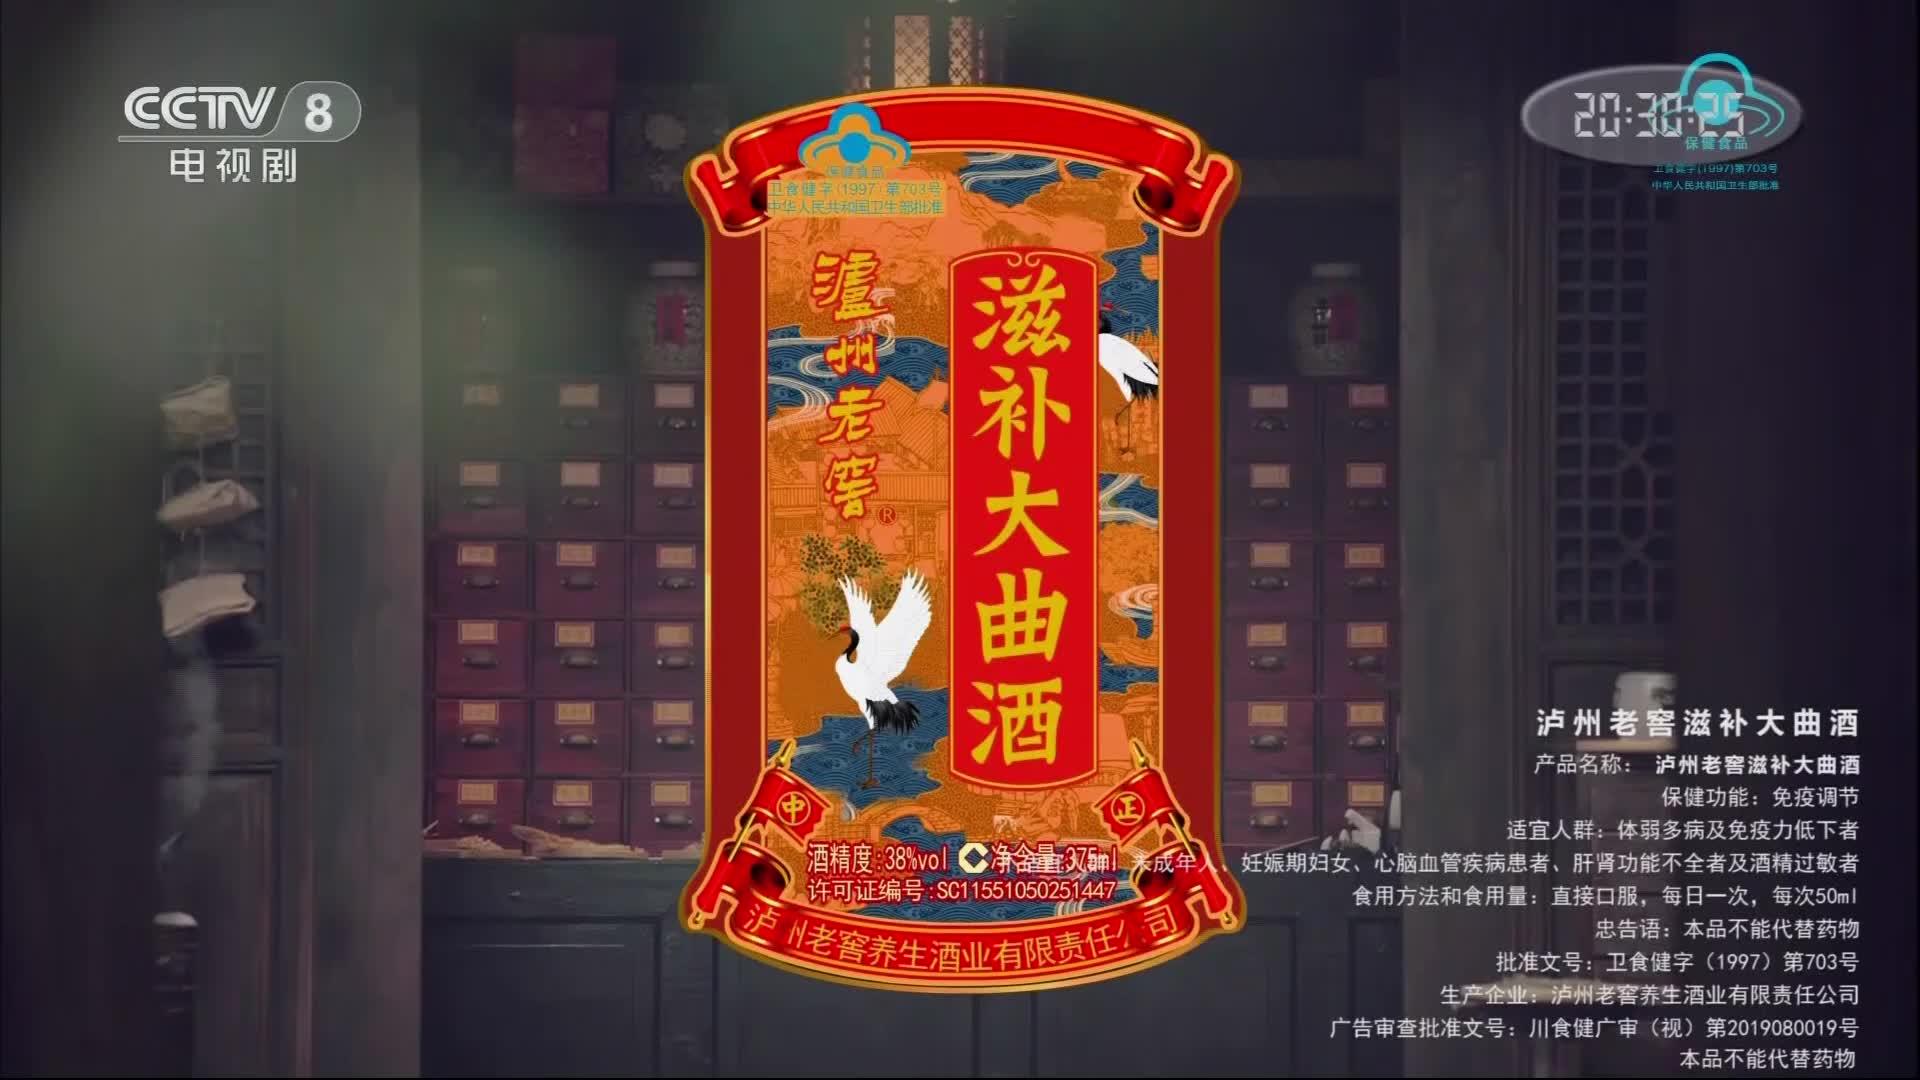 央视广告欣赏-泸州老窖滋补大曲酒